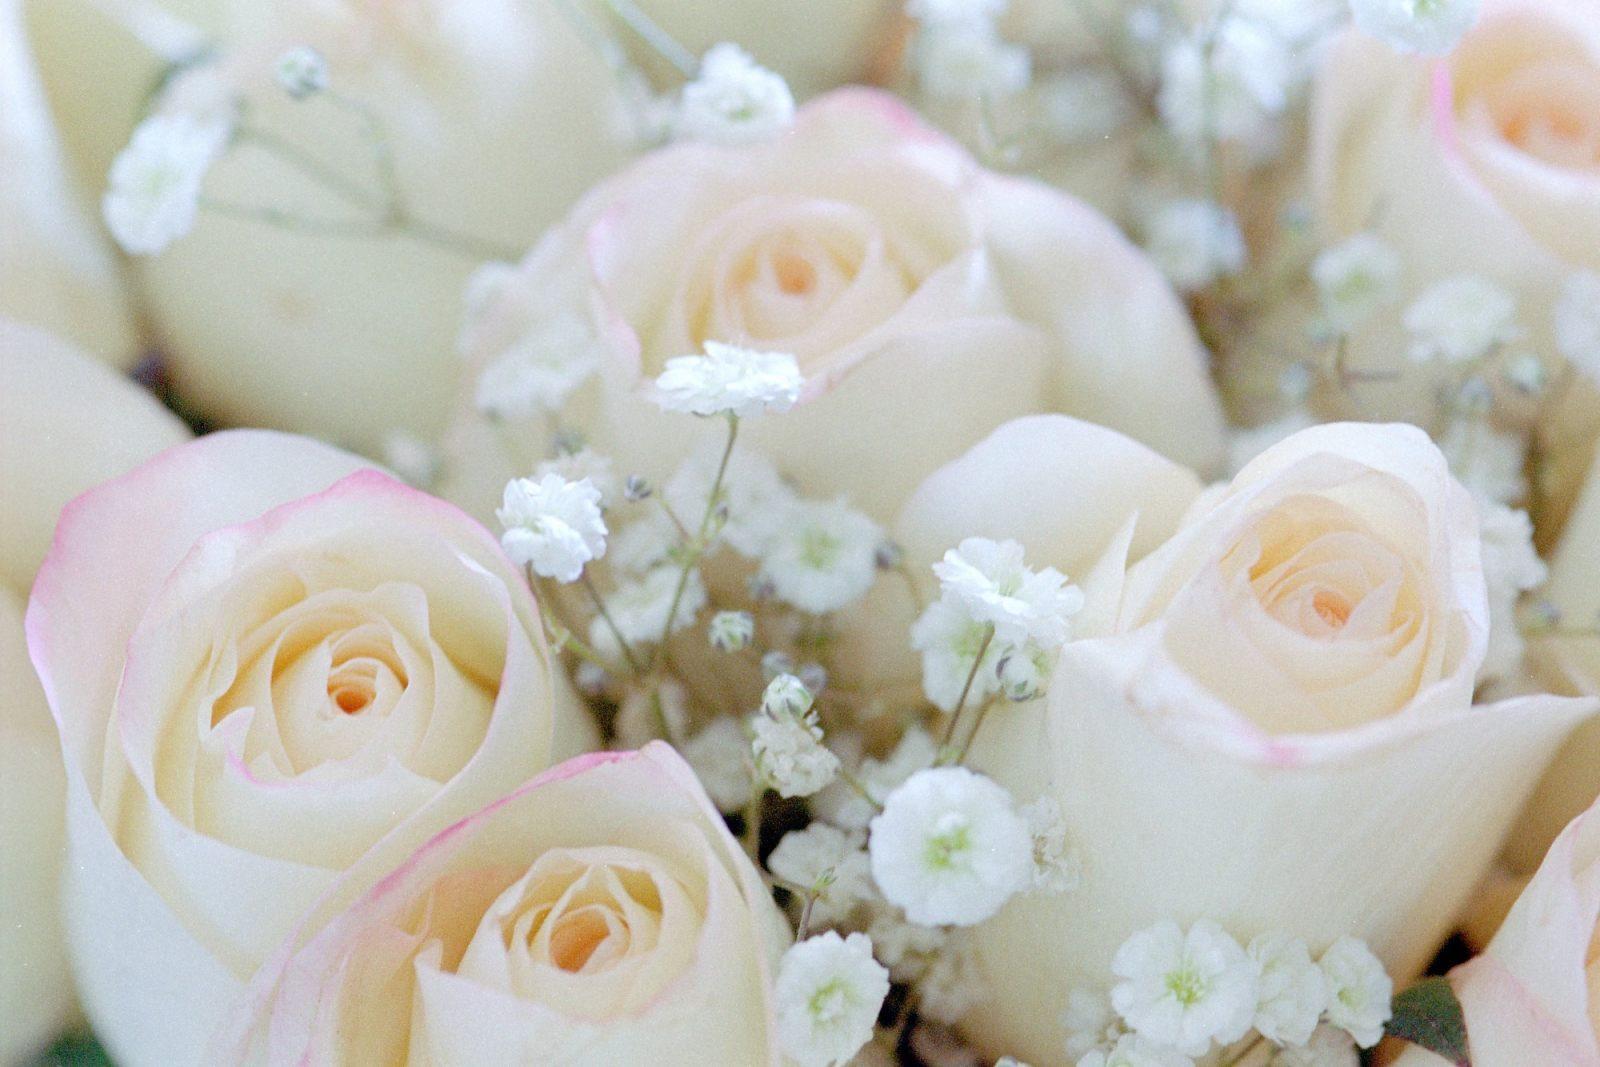 Flores panama floristeria envio de flores y regalos a - Significado rosas blancas ...